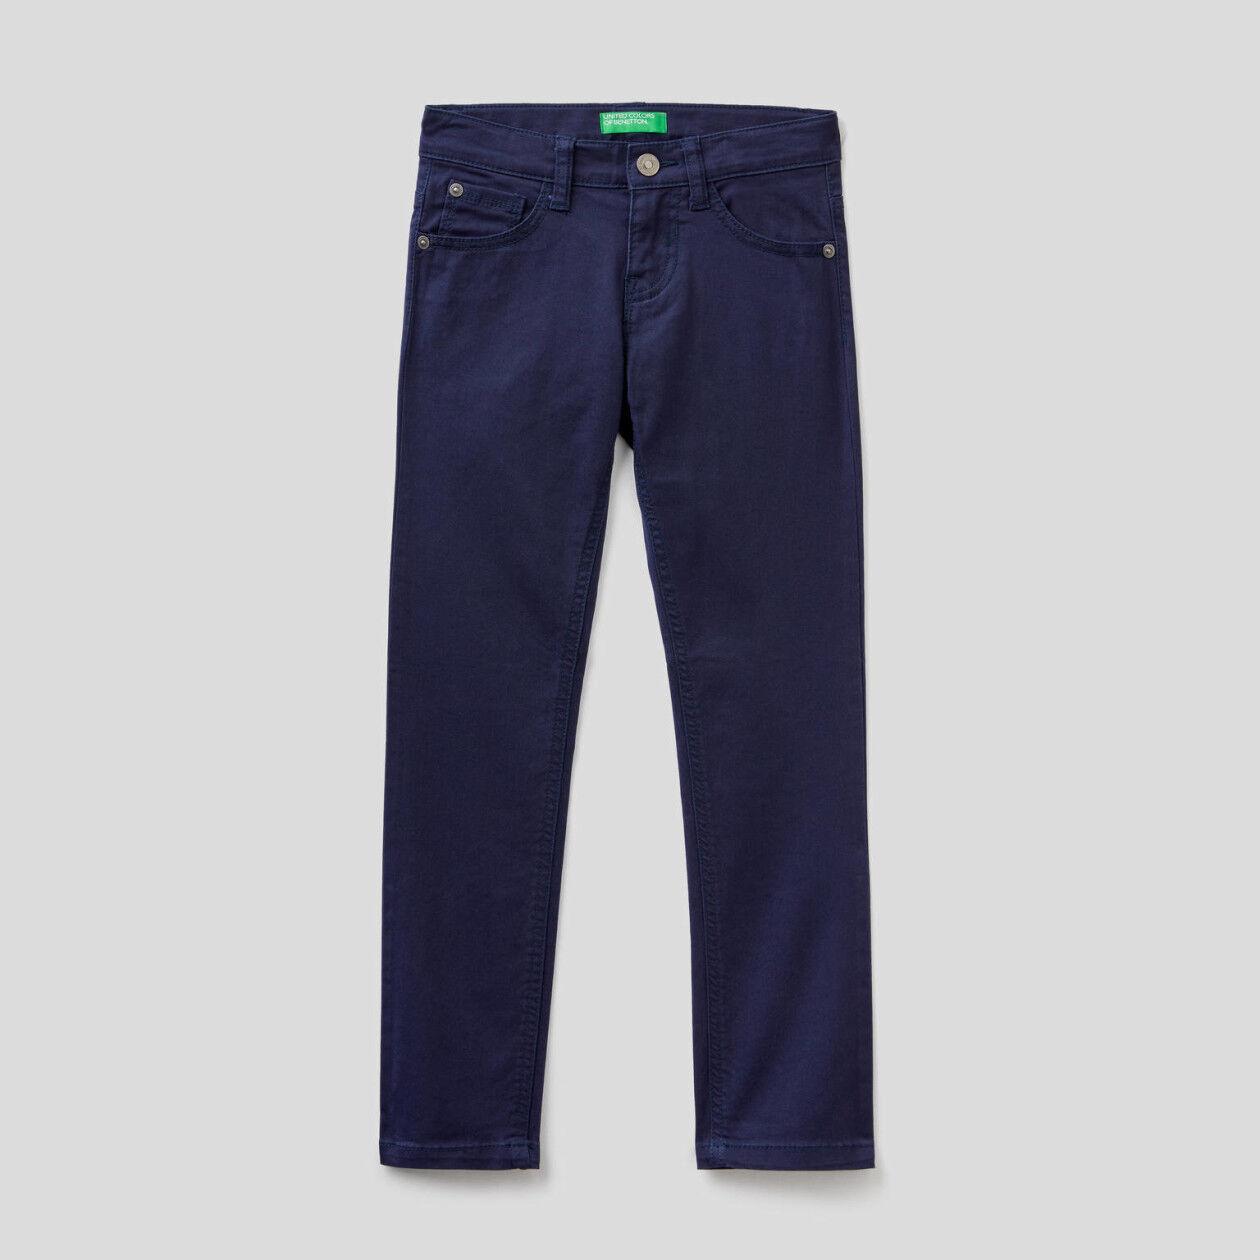 Pantalón ceñido con cinco bolsillos